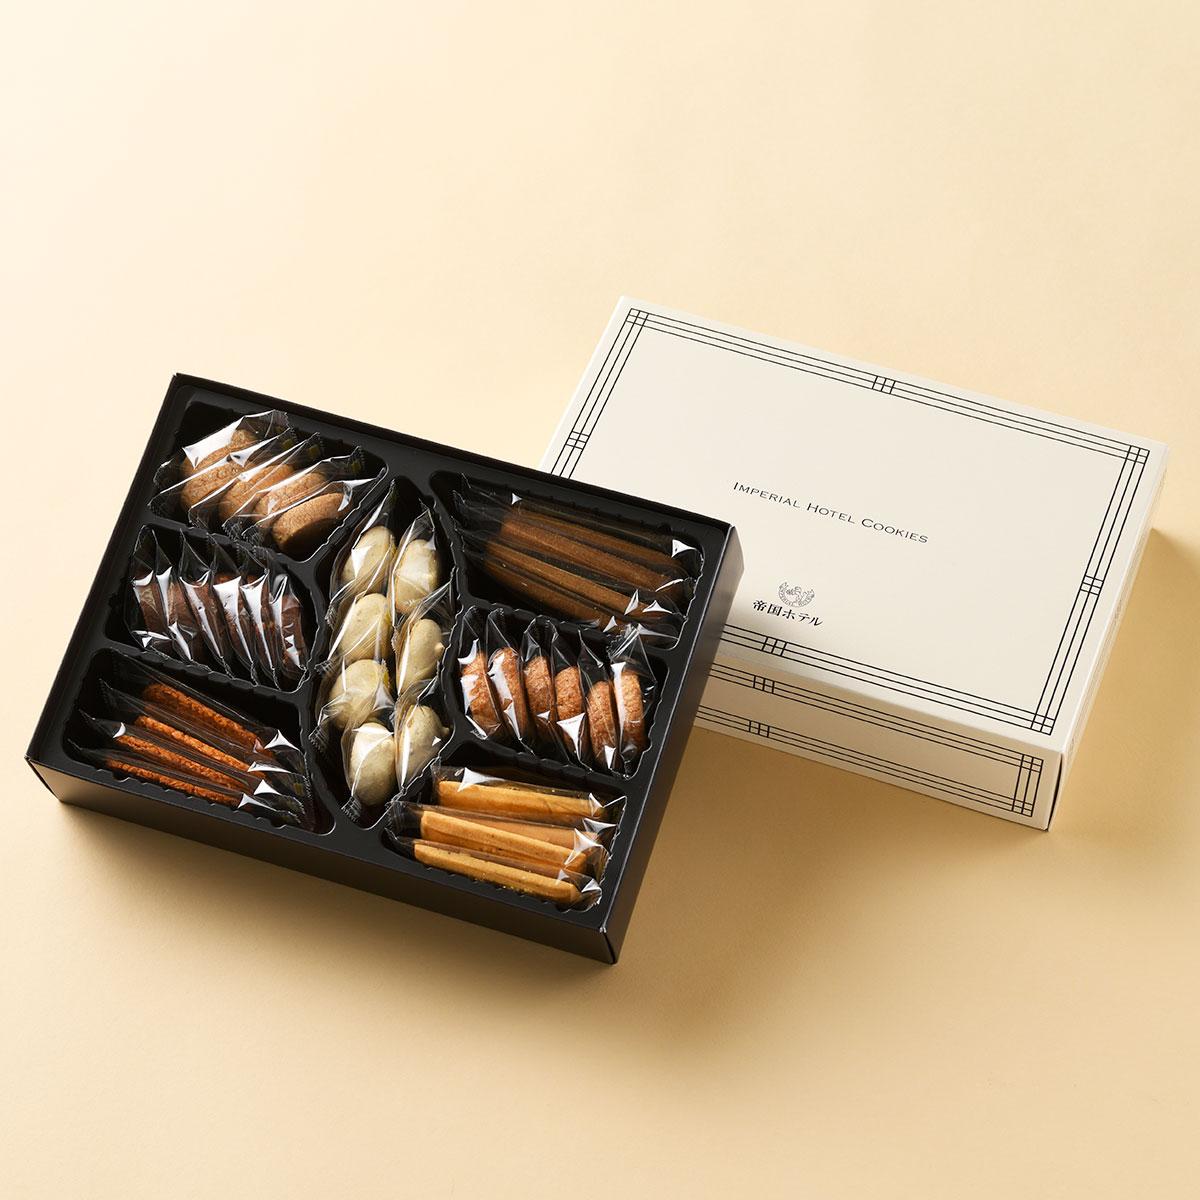 帝国ホテルクッキー 詰め合わせ セット(C-20N / 7種・36個入) / お歳暮